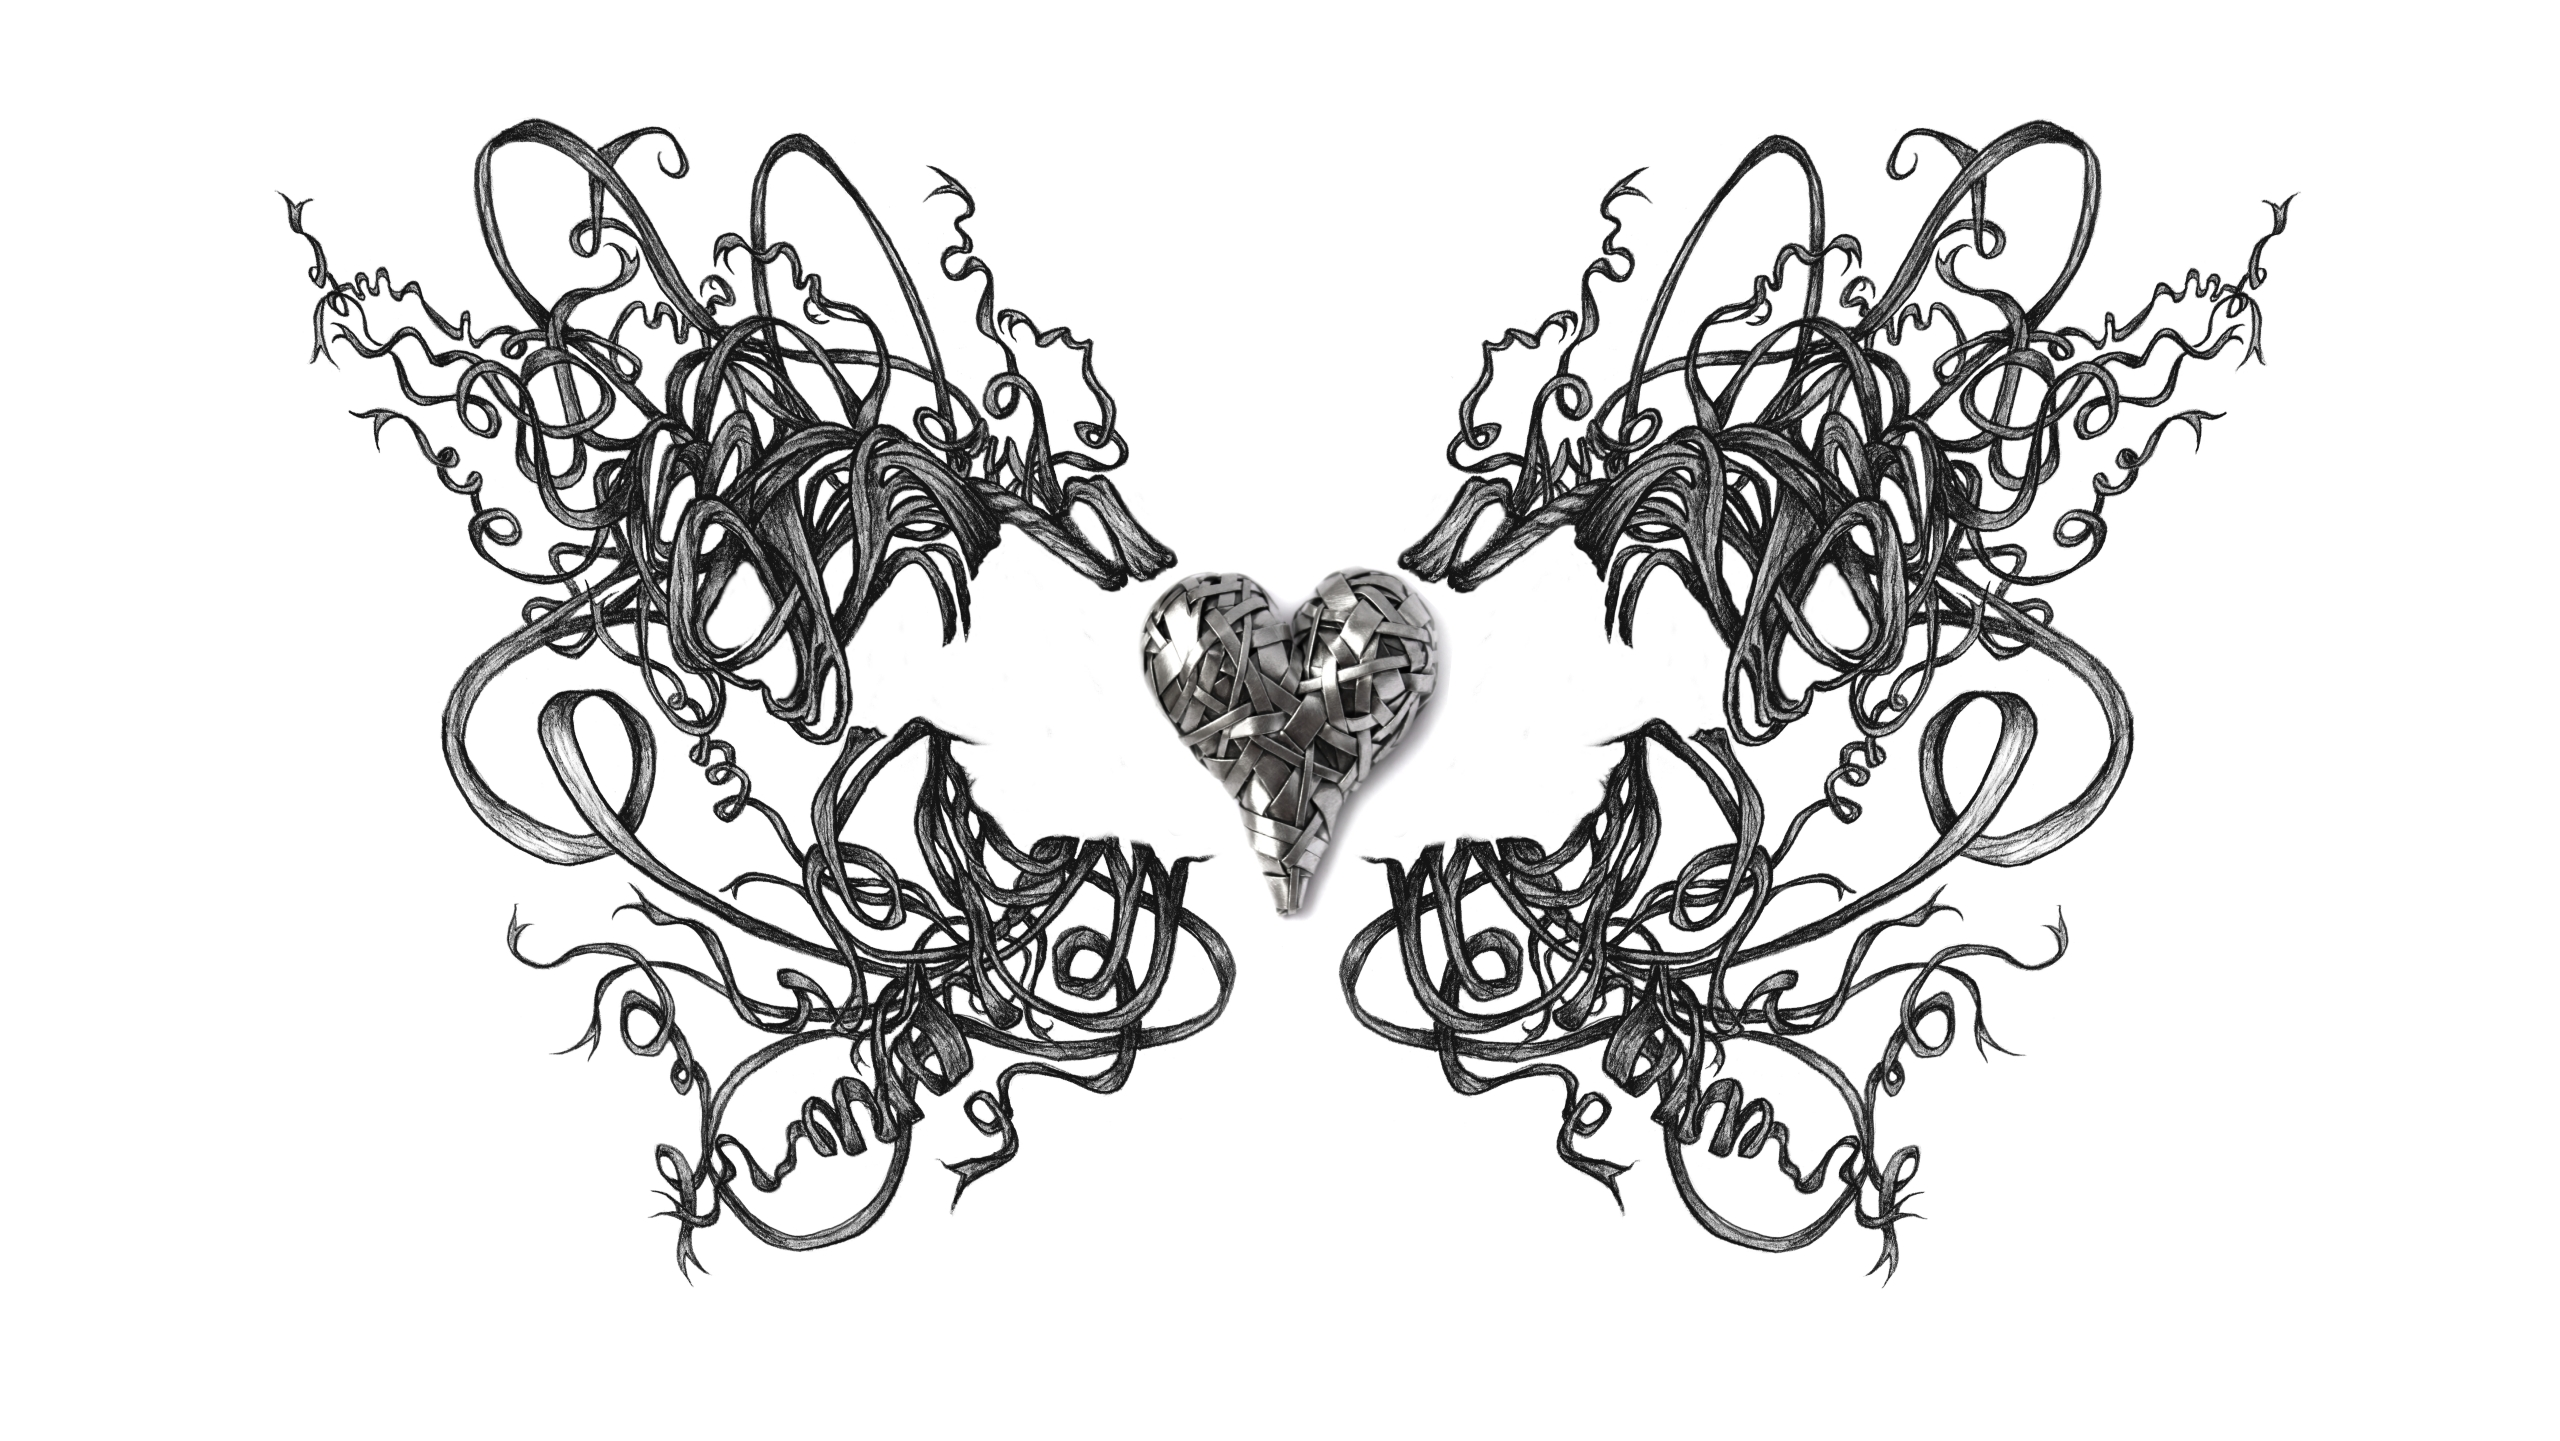 artist designer maker gurgel-segrillo